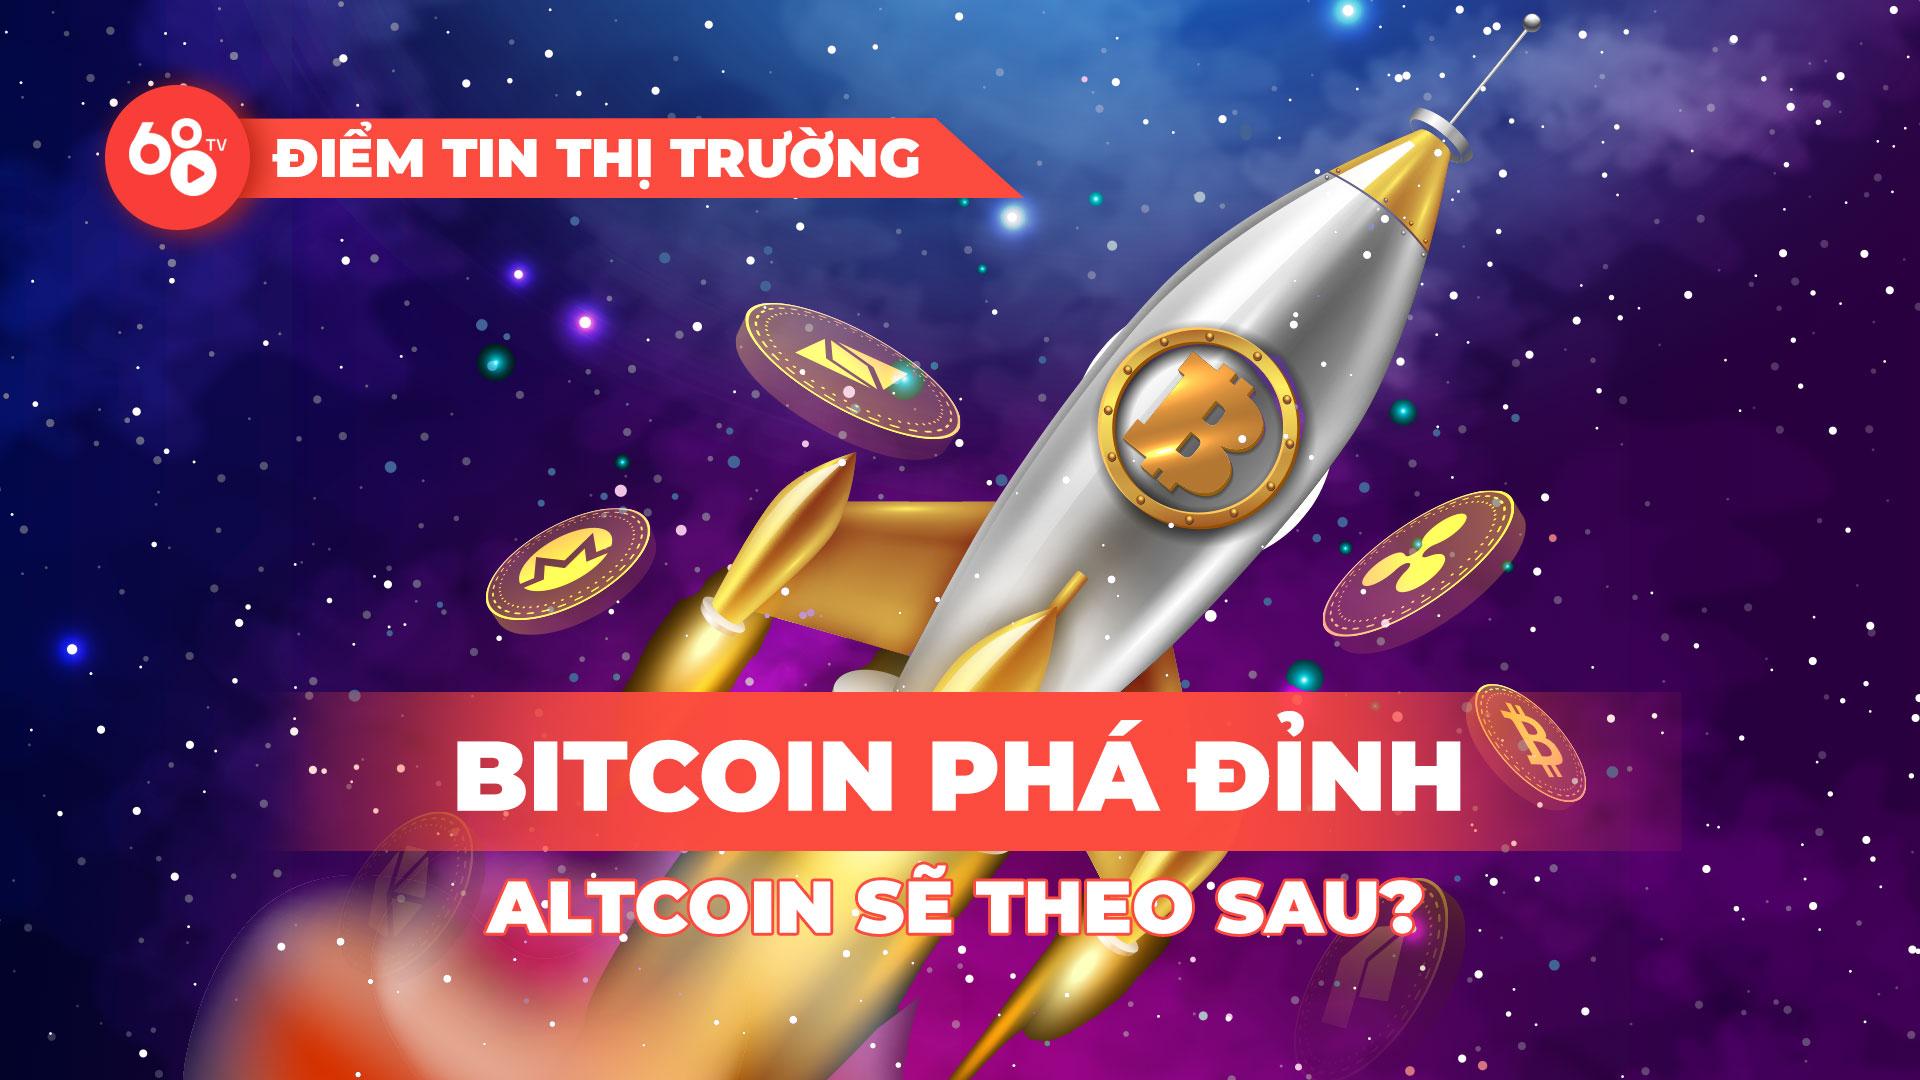 Bitcoin phá đỉnh, Altcoins liệu có theo sau? Thị trường Crypto sôi động hơn bao giờ hết